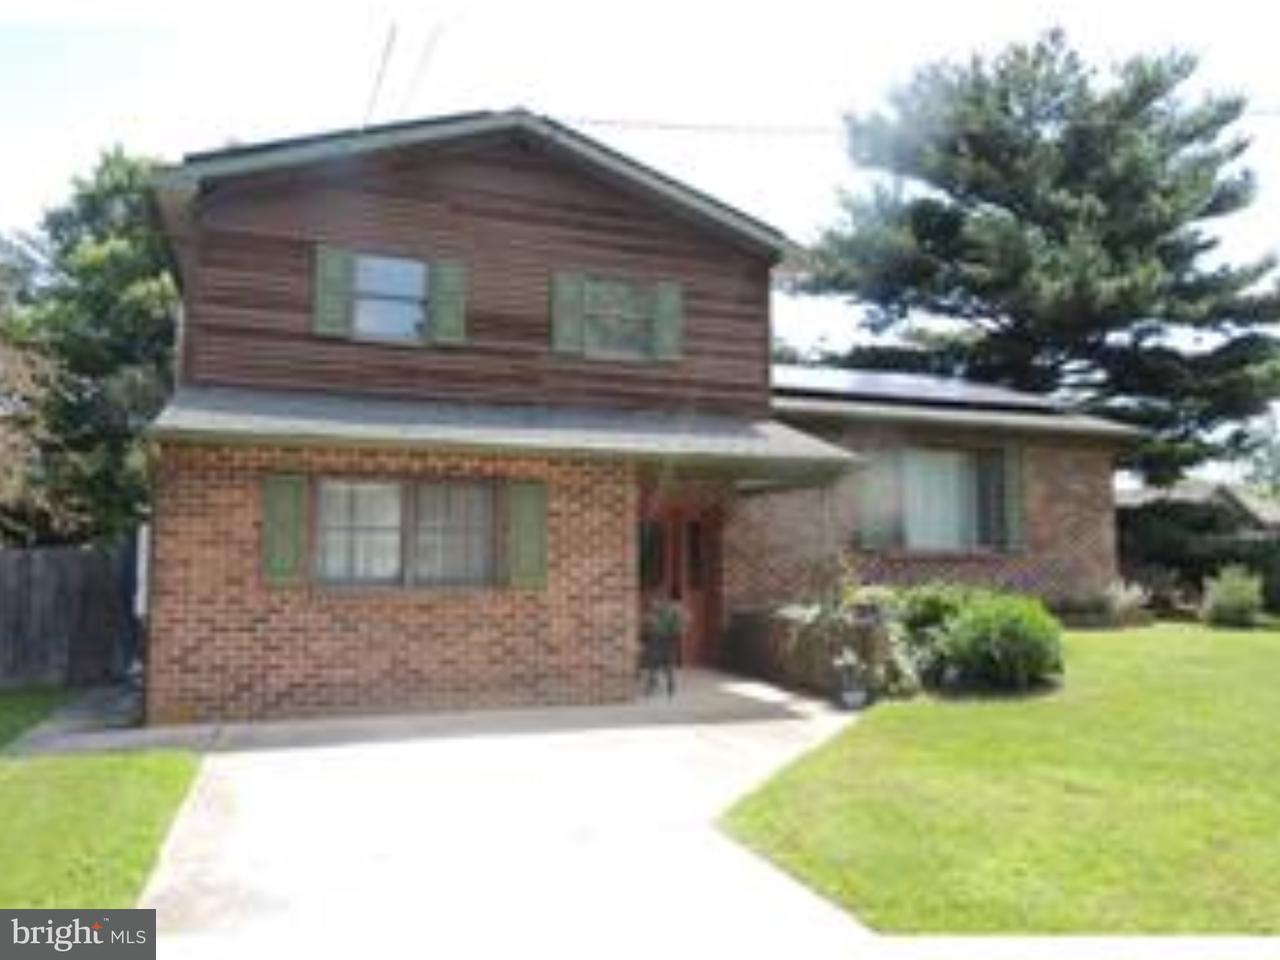 Частный односемейный дом для того Продажа на 793 COX Lane Cape May, Нью-Джерси 08204 Соединенные Штаты